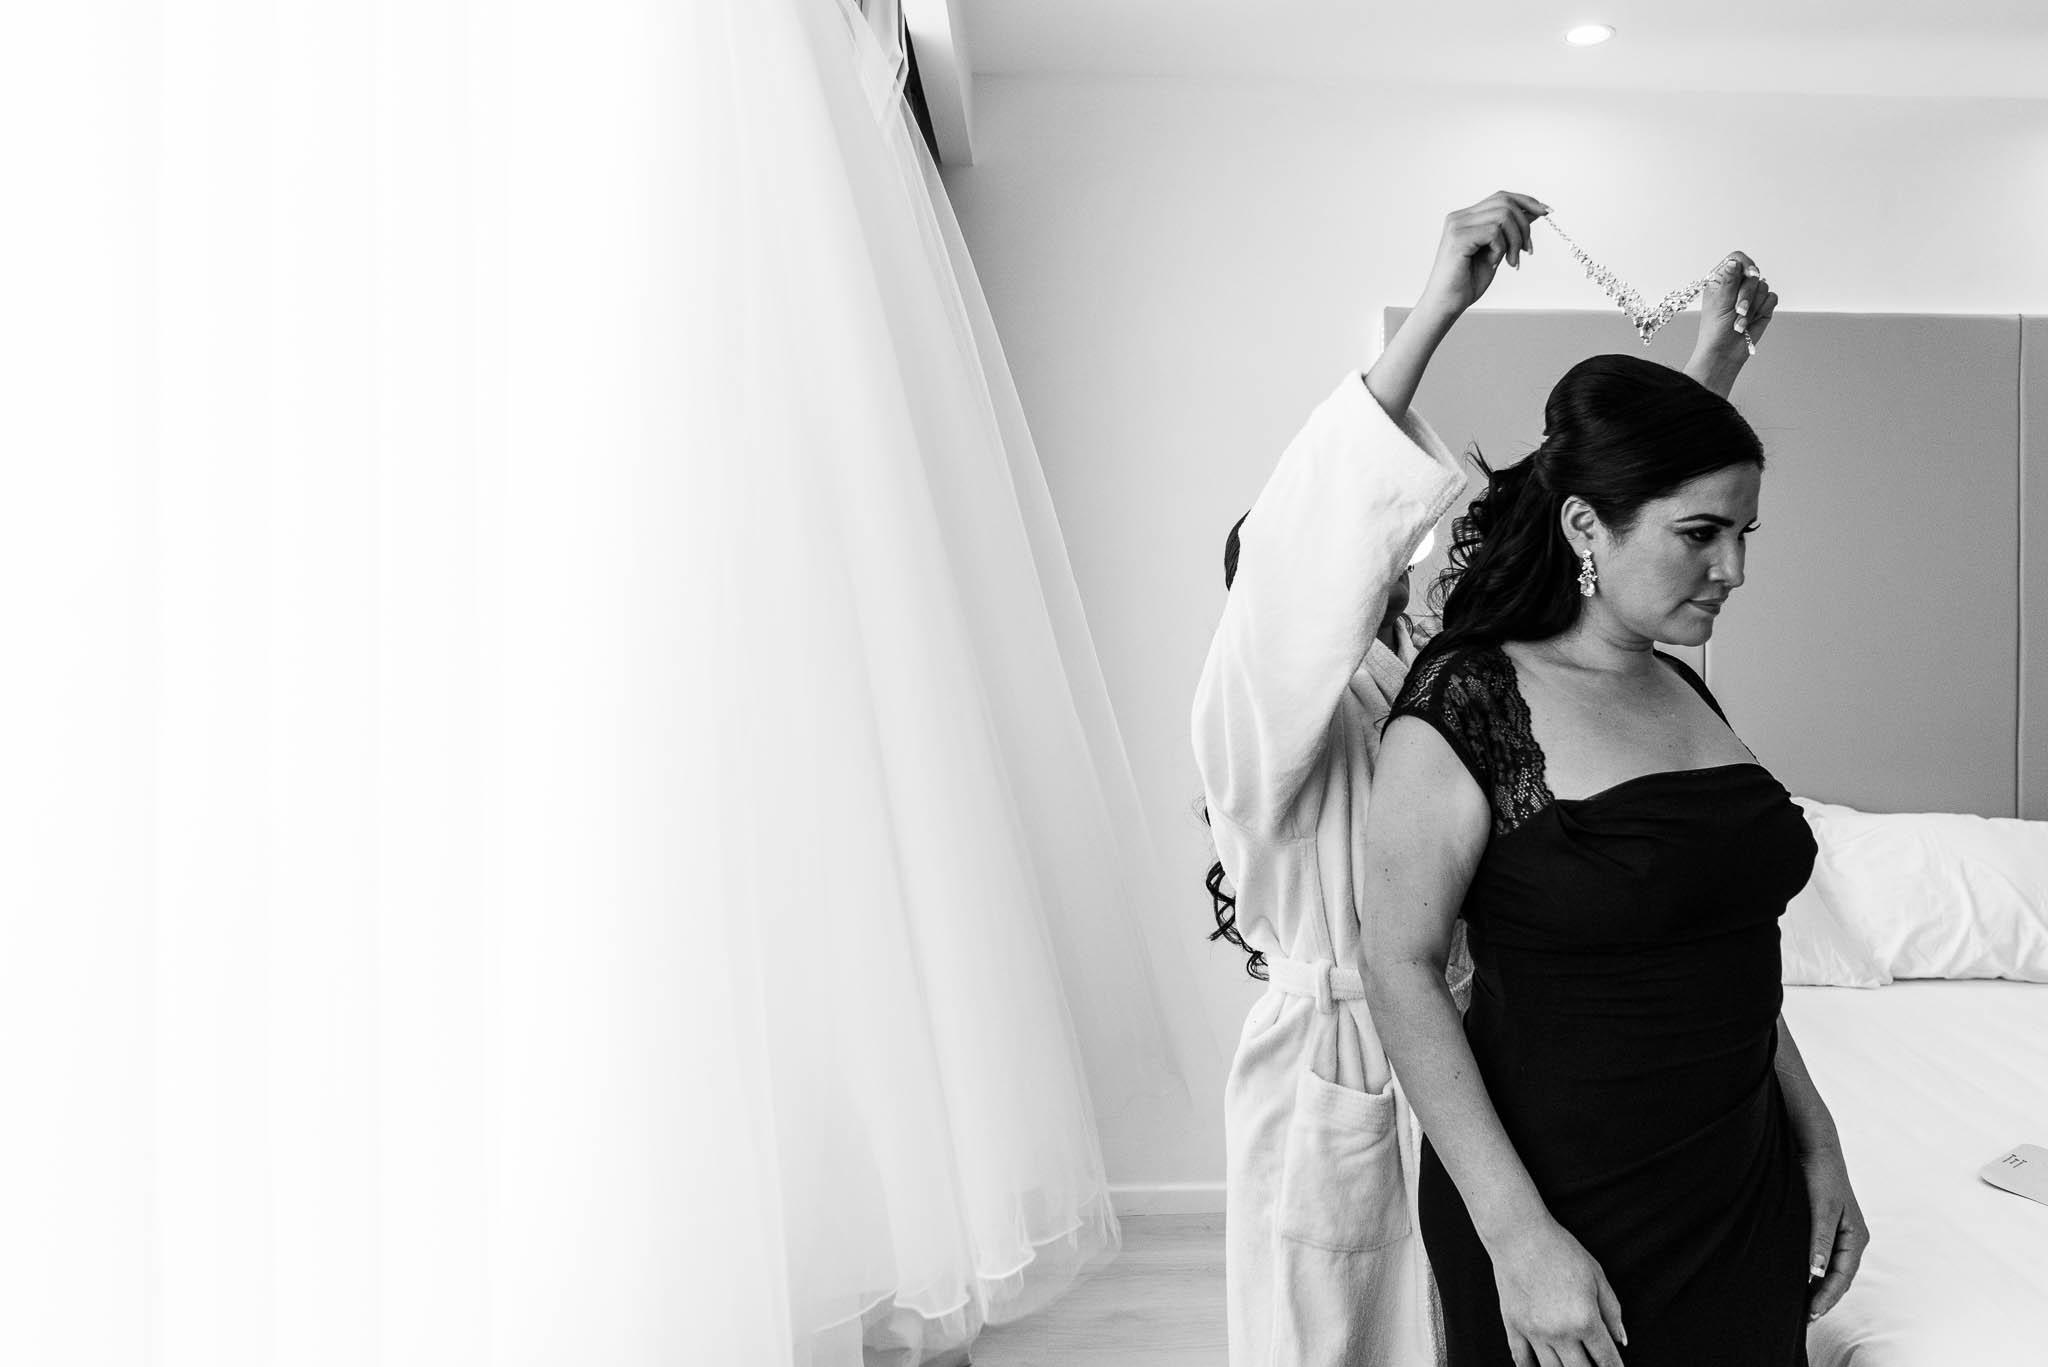 fotografo de bodas san luis potosi boda mexico wedding destination fotos de boda 18